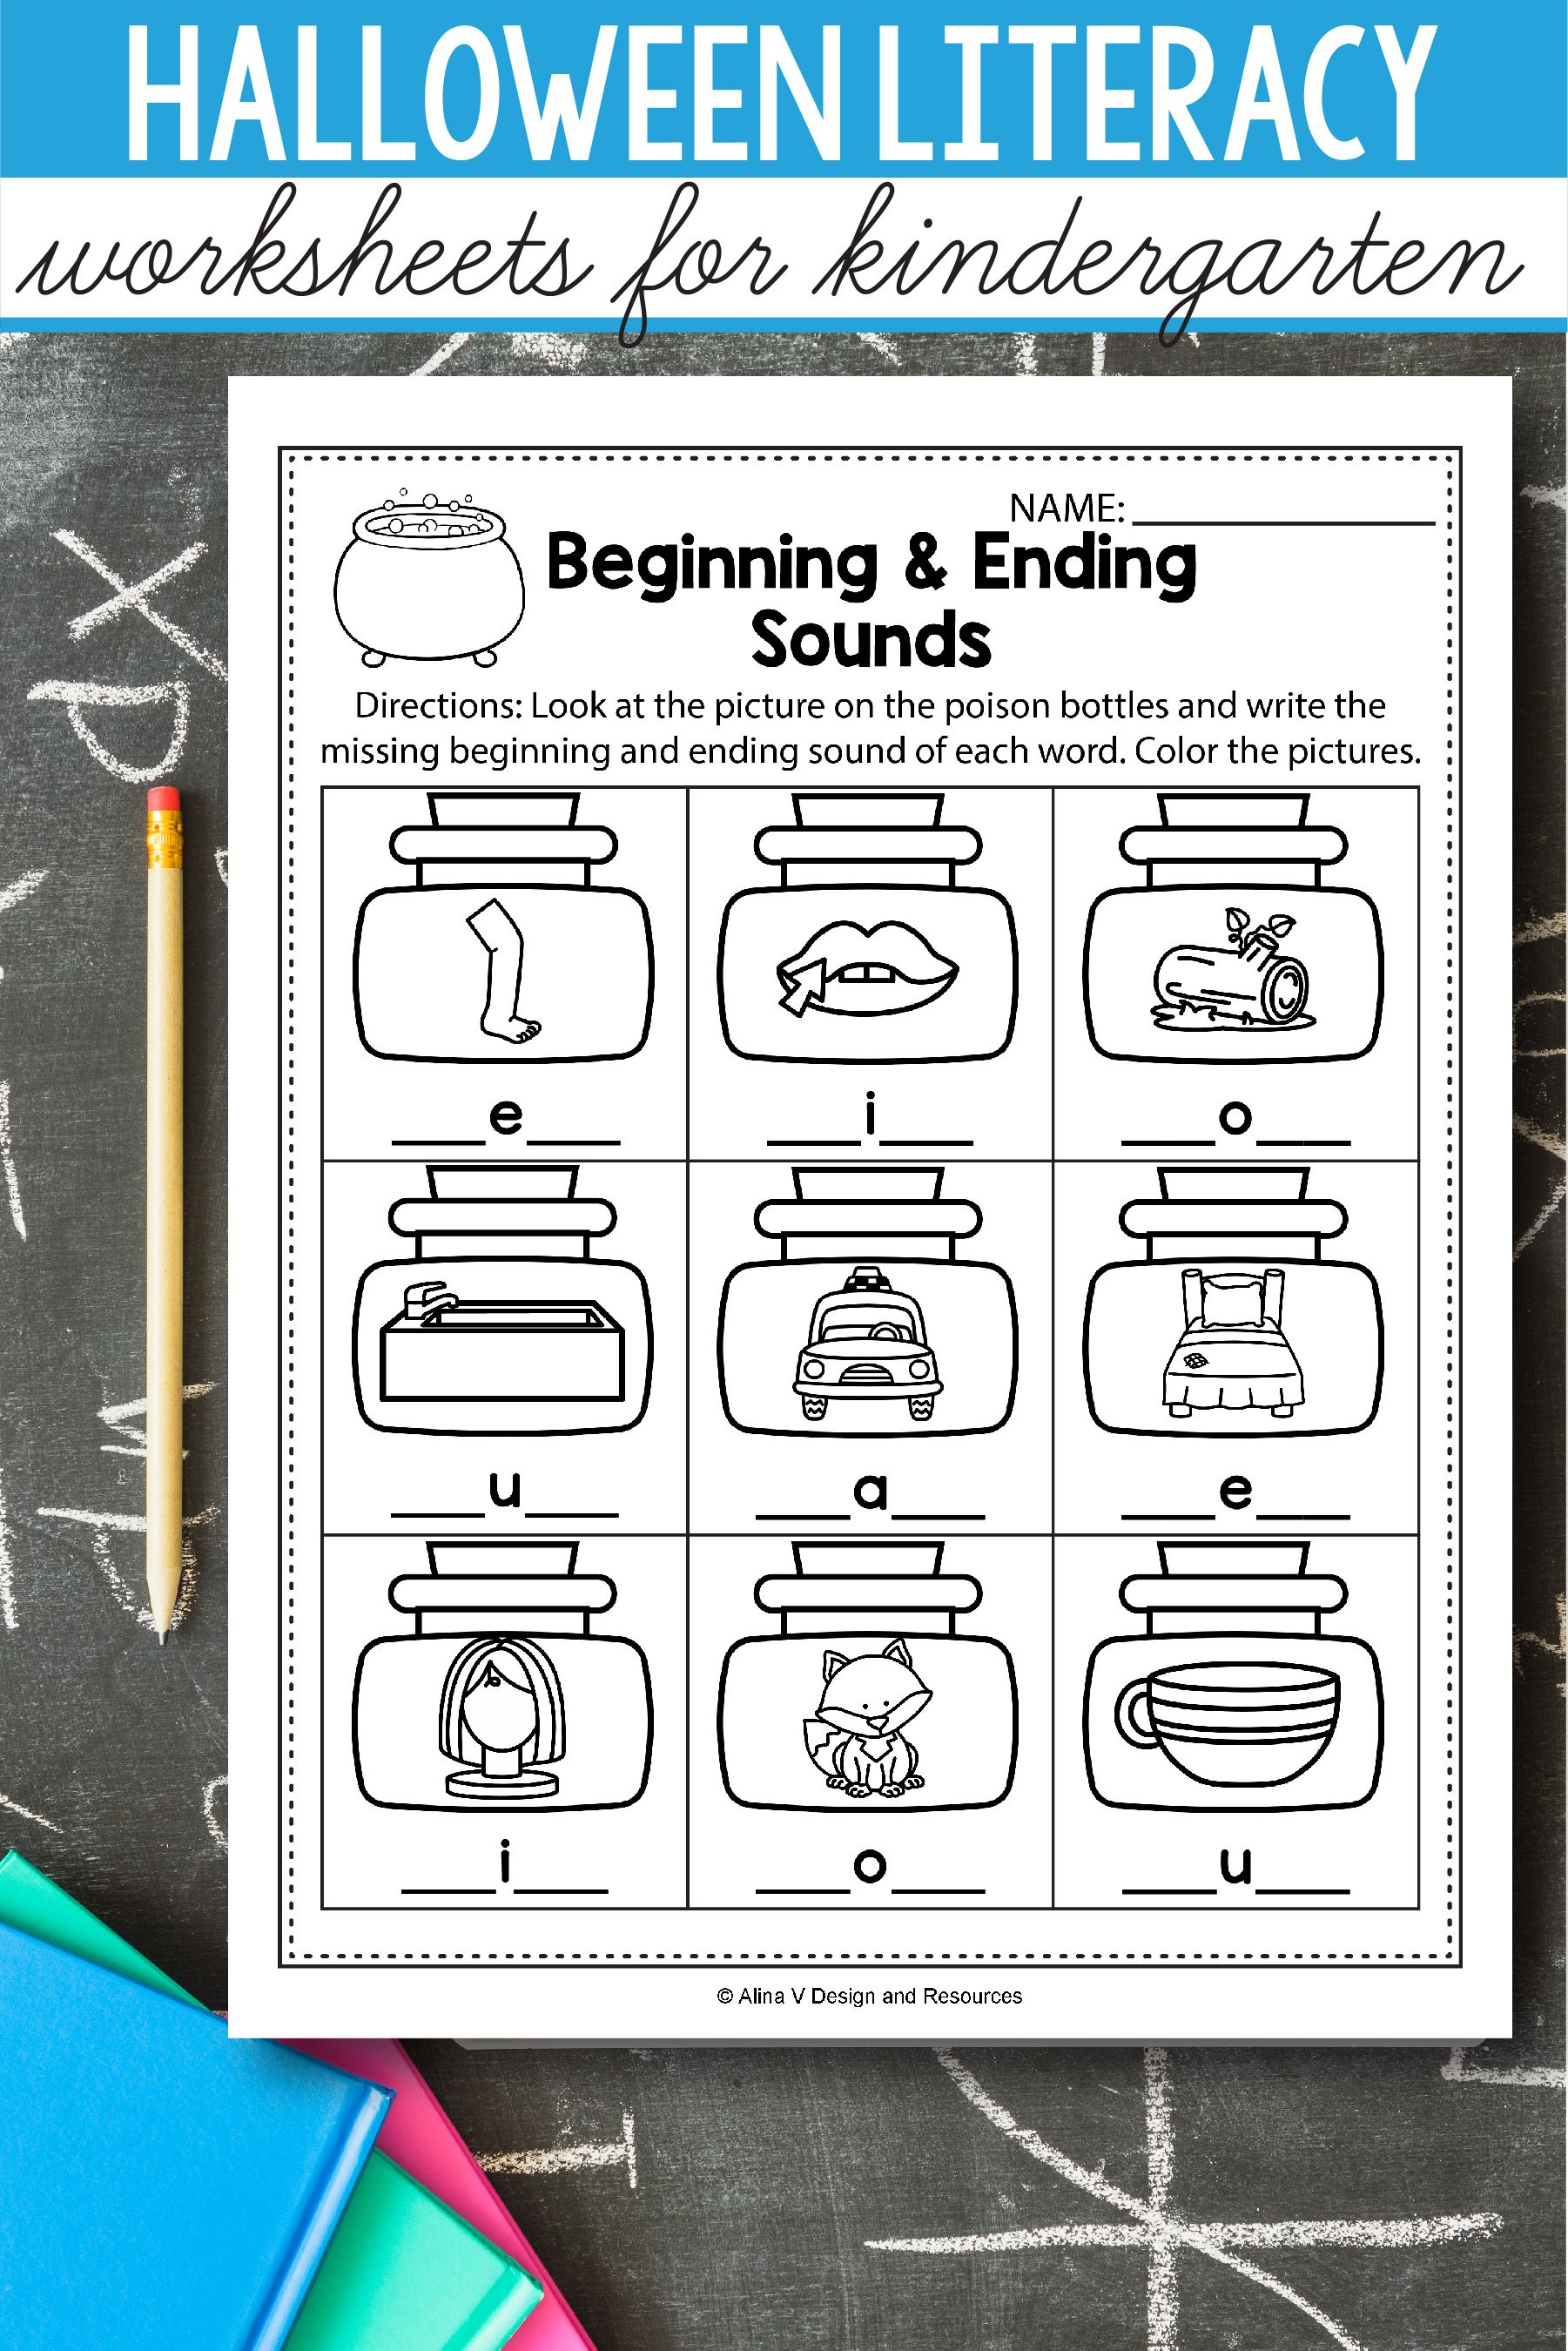 Halloween Literacy Activities For Kindergarten 1st Grade